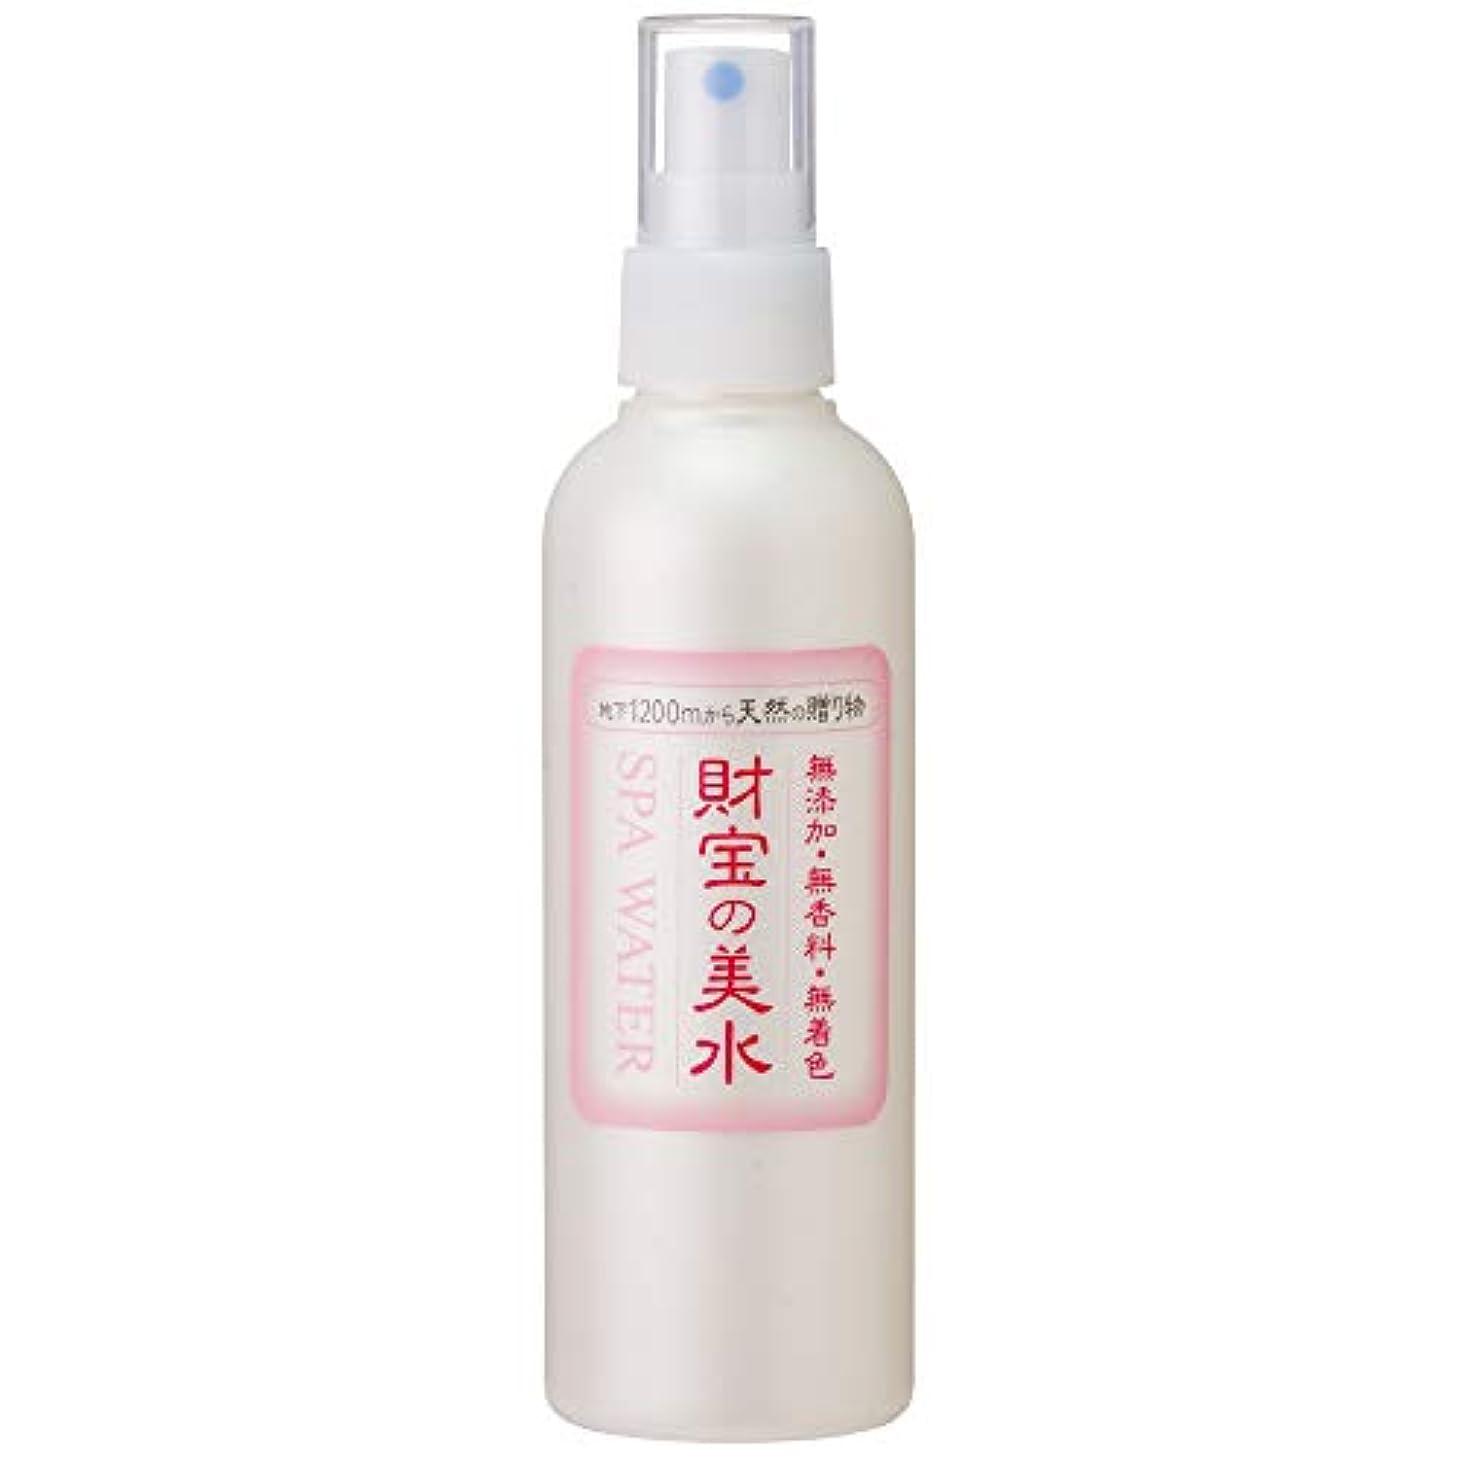 要求ワットログ財宝 温泉 美水 ミスト 化粧水 200ml